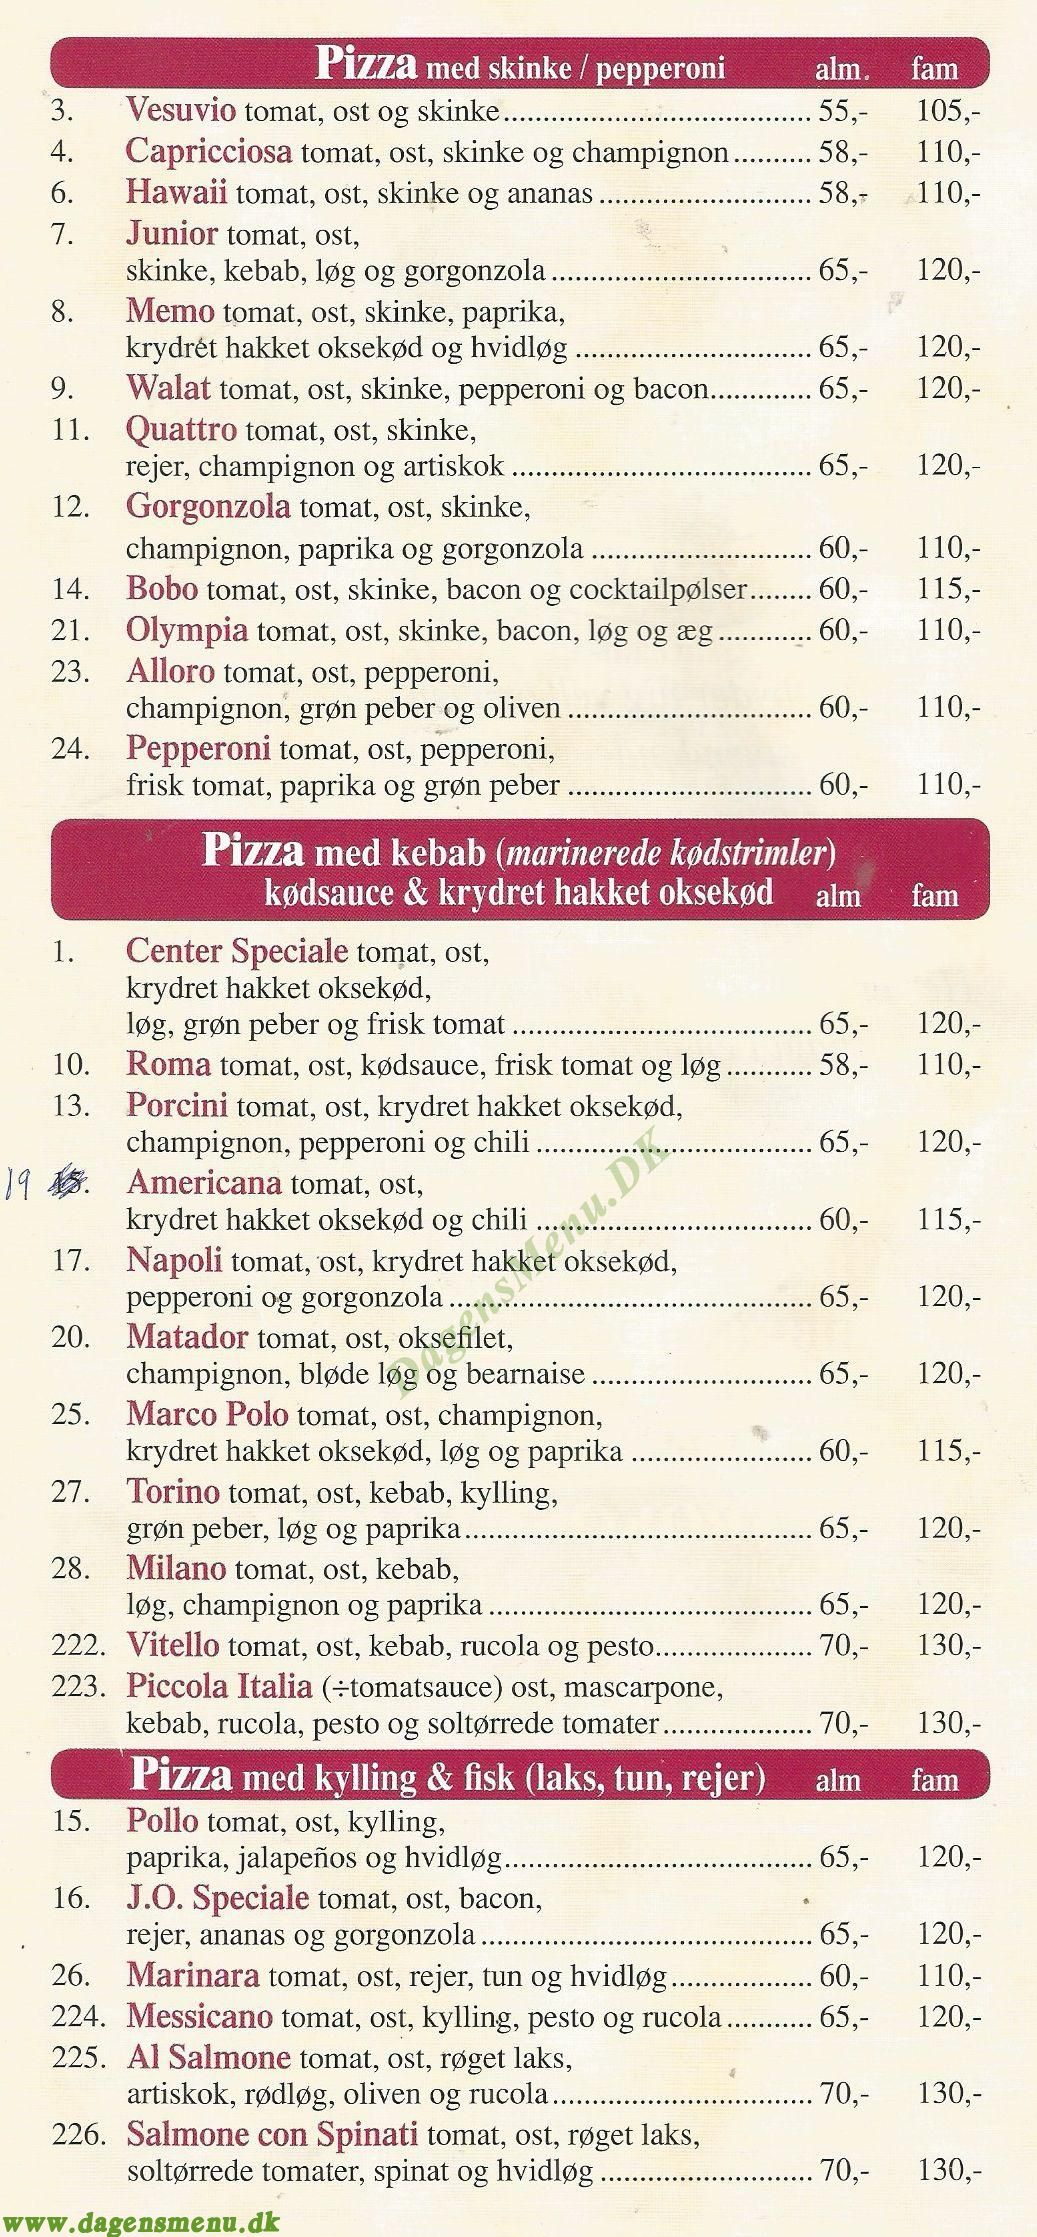 Greve Center Pizza - Menukort